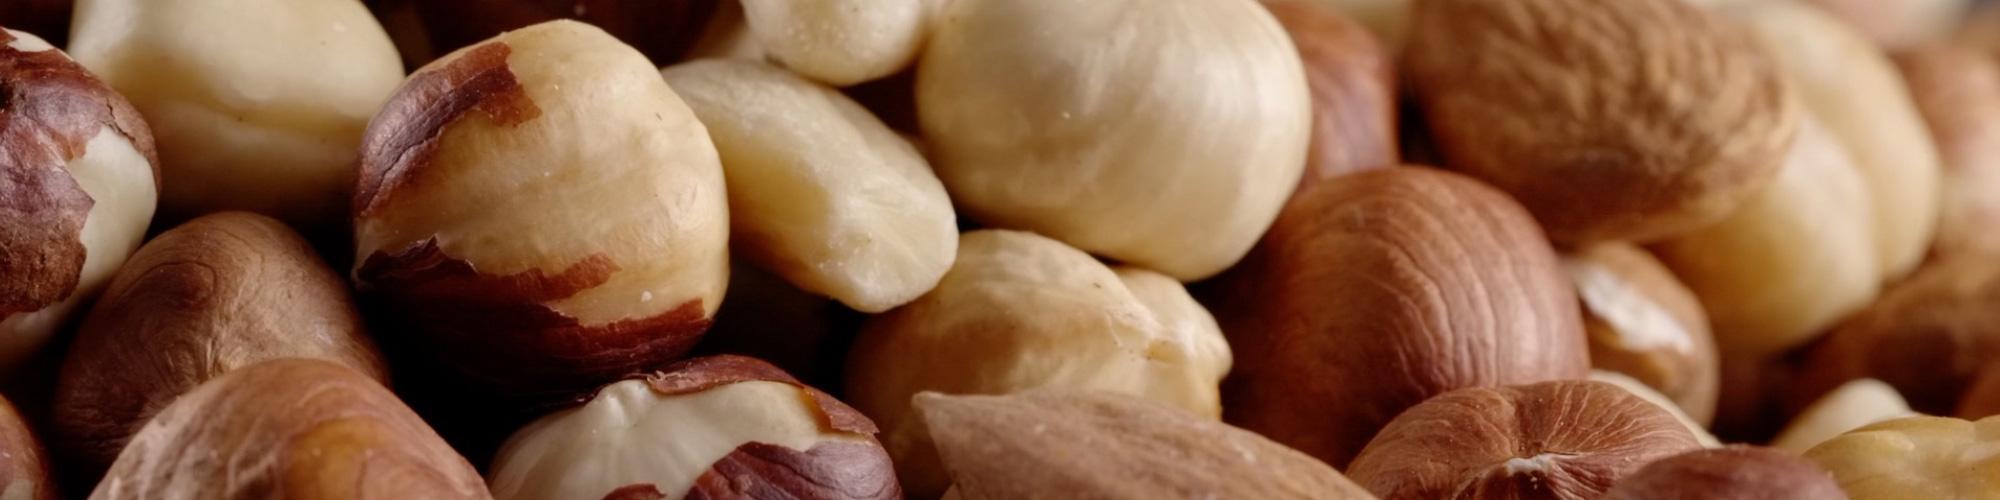 De uitdaging van deze week: eet een handje ongezouten noten!